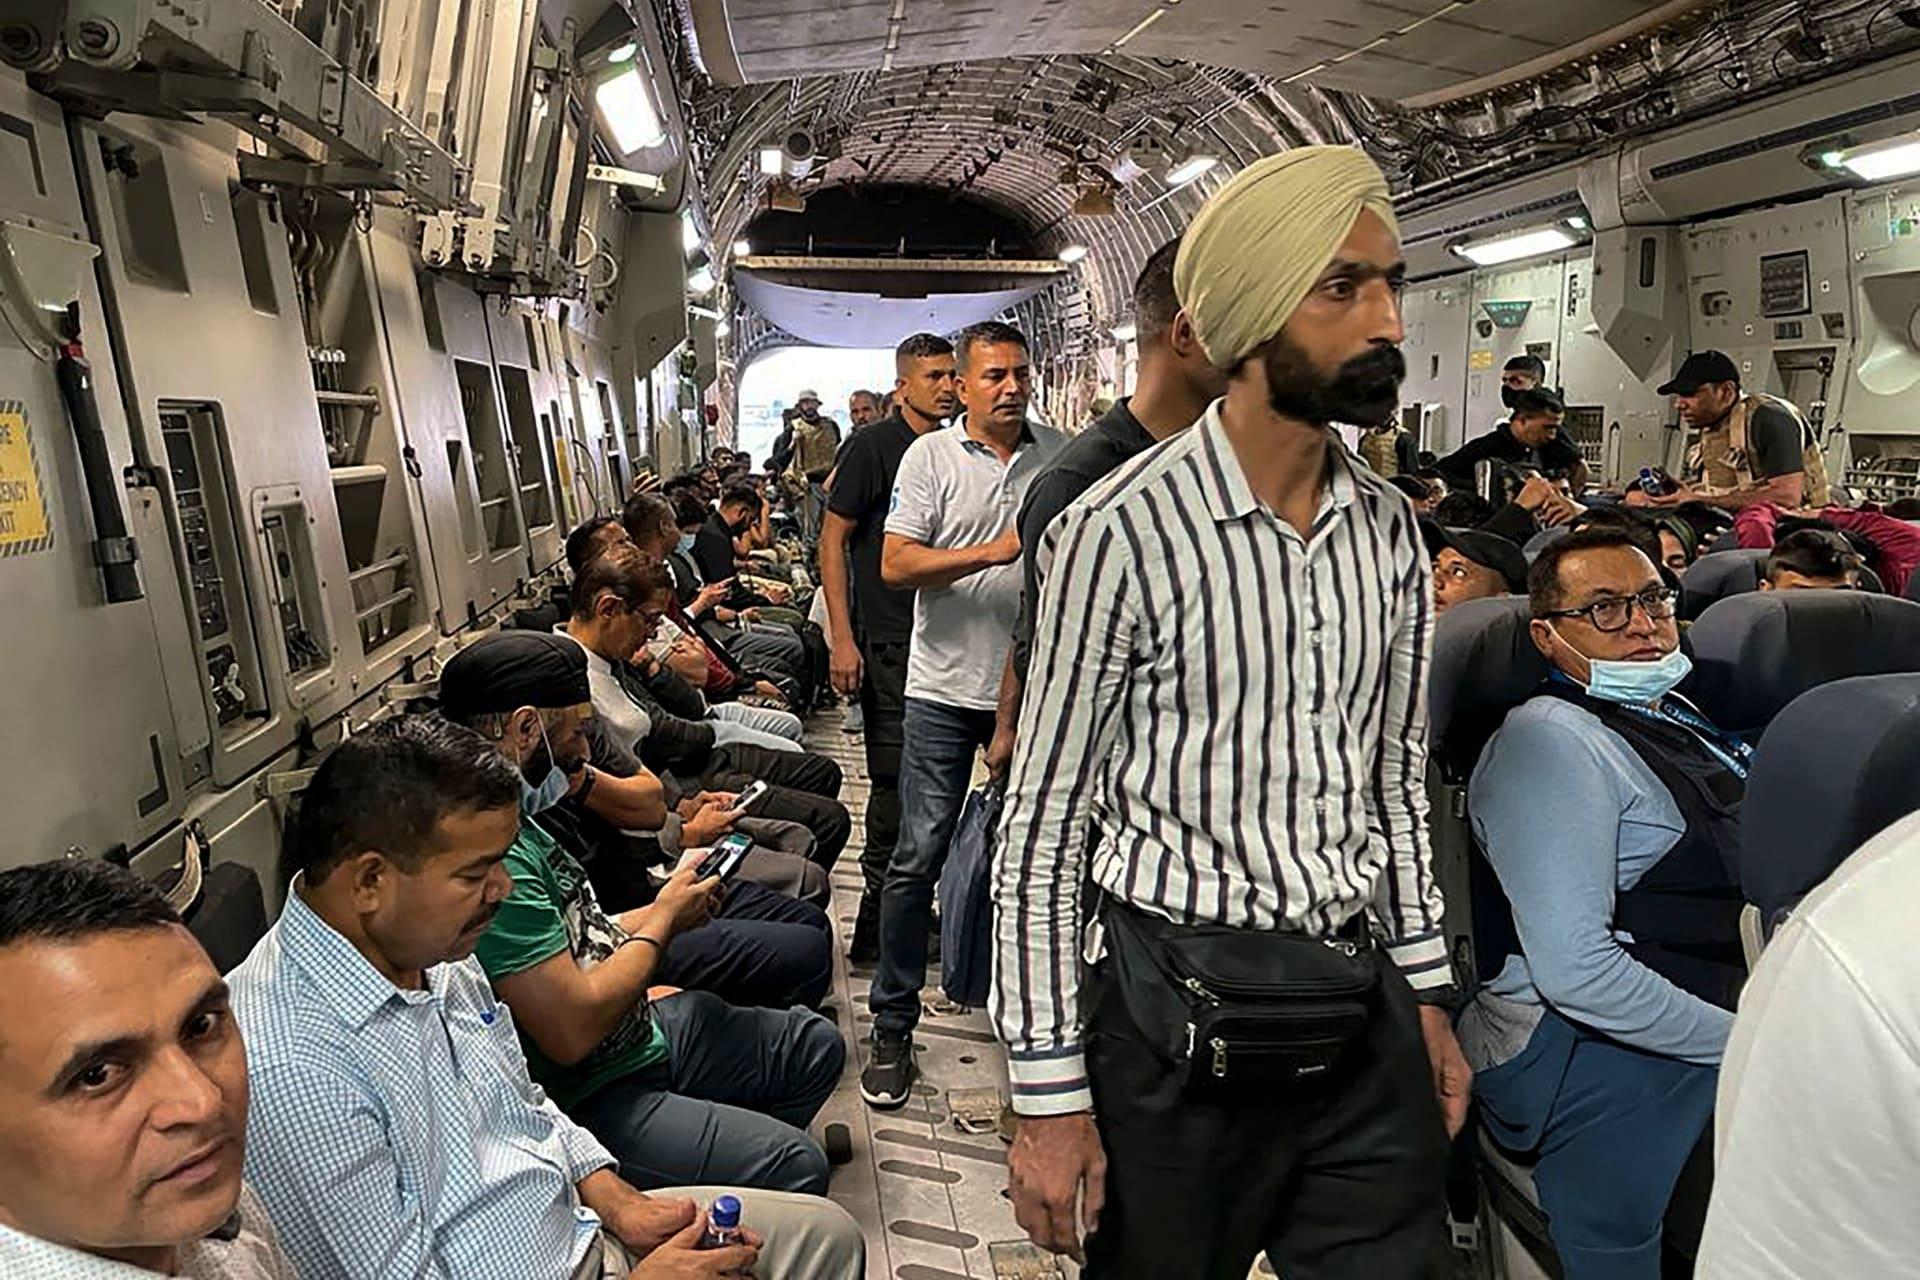 واطنون هنود يجلسون على متن طائرة عسكرية هندية في مطار كابول في 17 أغسطس 2021 ليتم إجلاؤهم بعد استيلاء طالبان المفاجئ على أفغانستان.